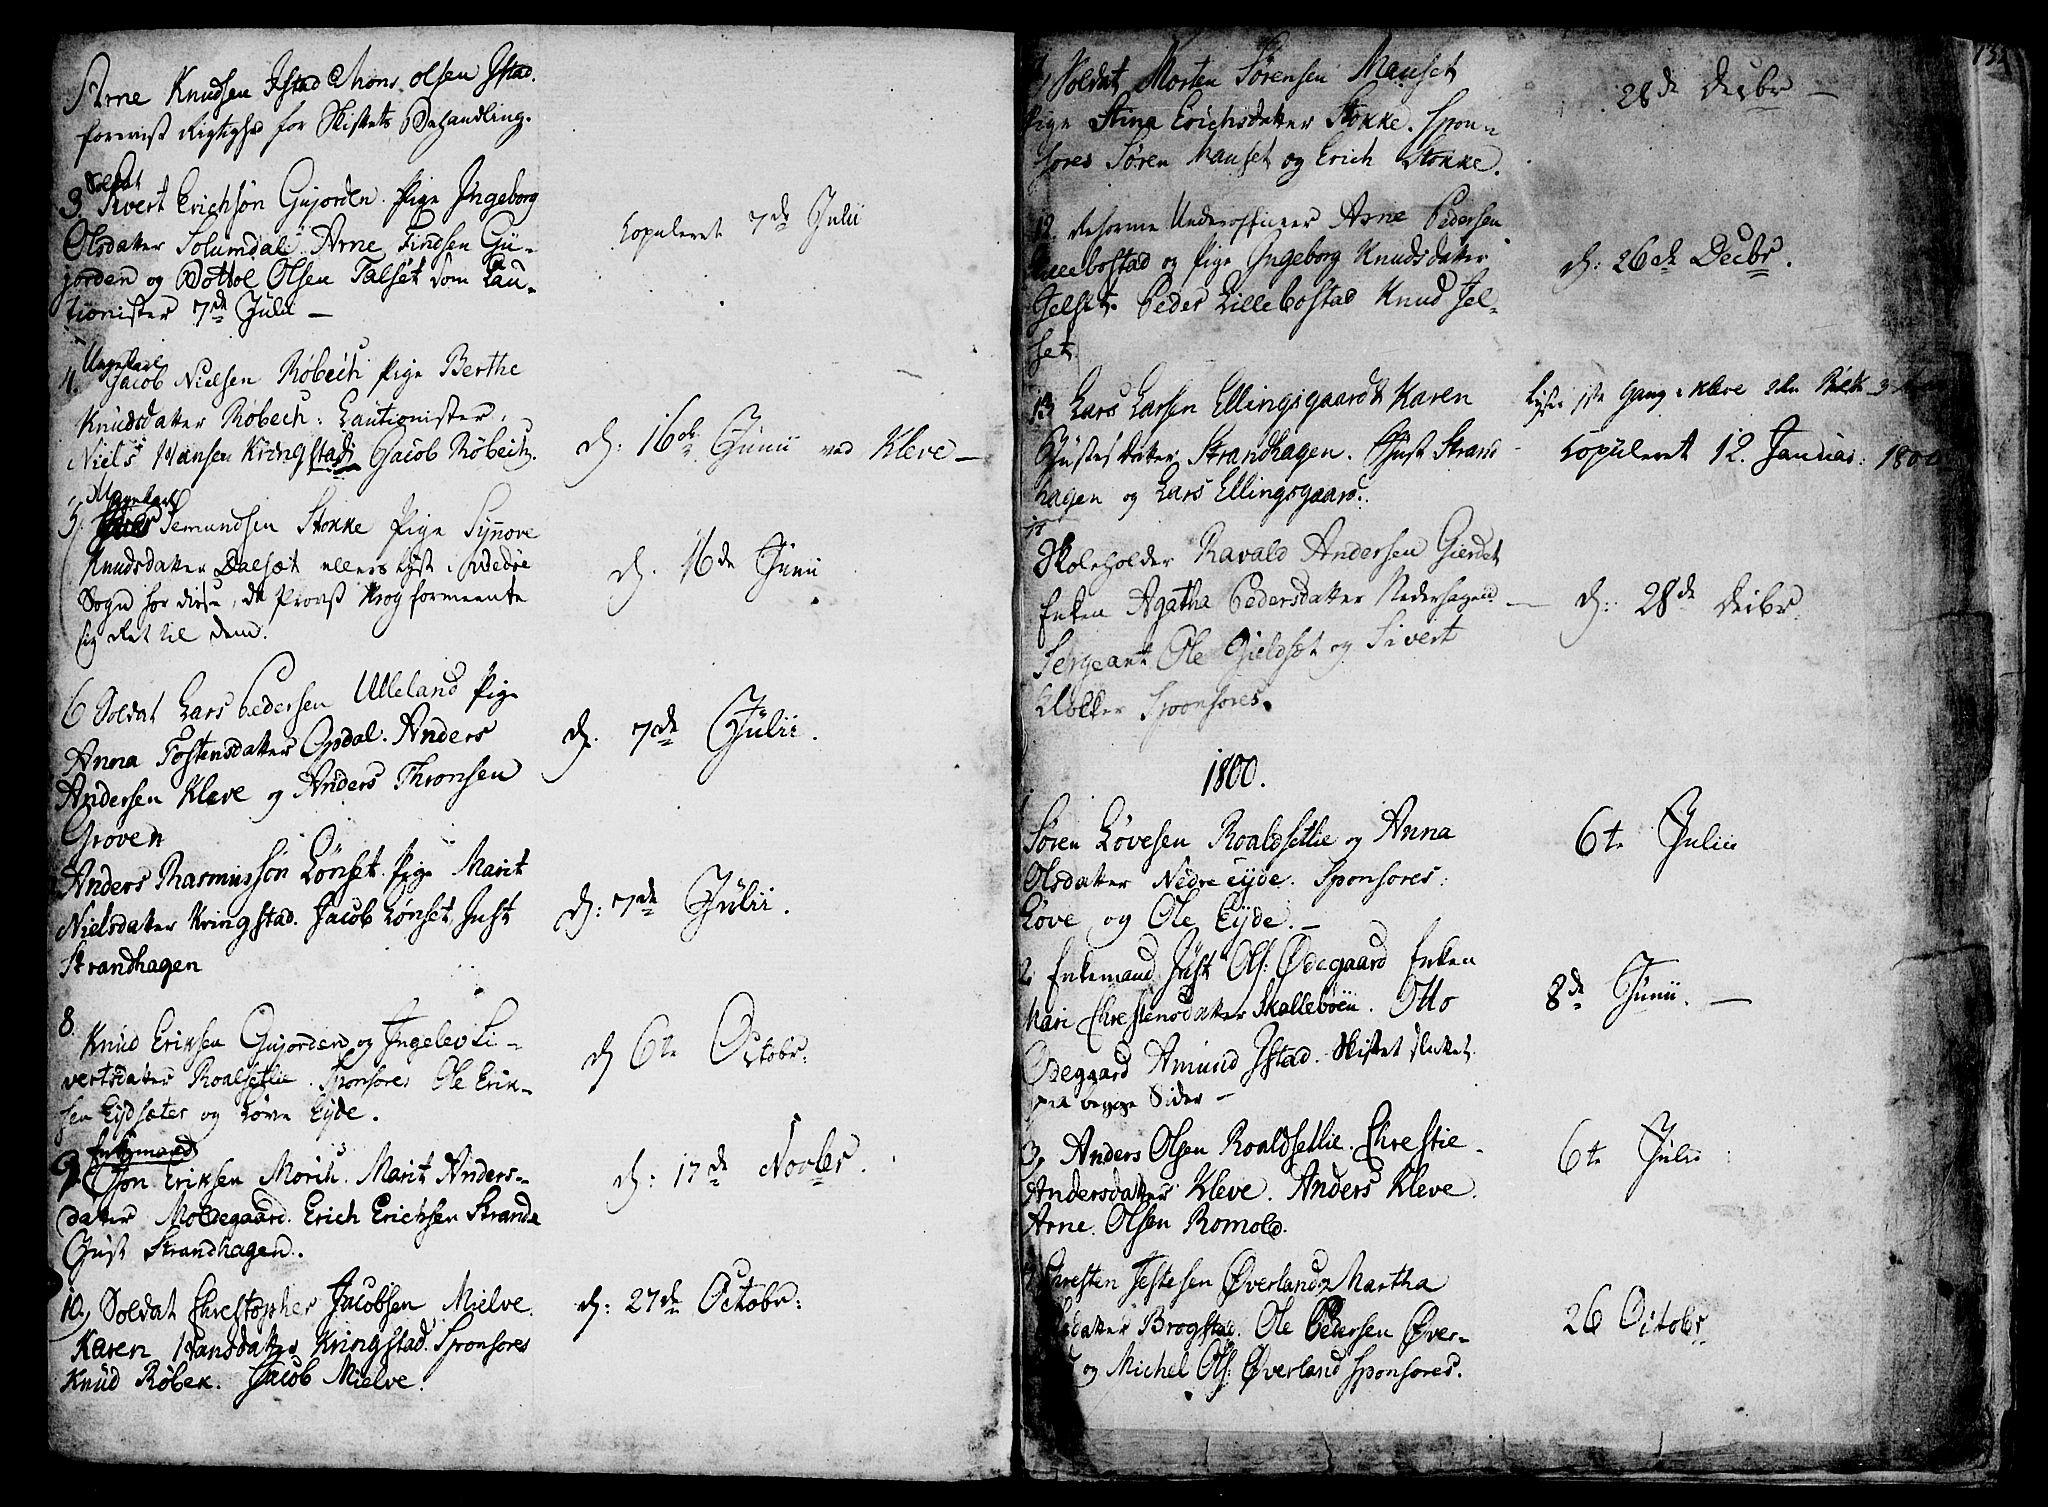 SAT, Ministerialprotokoller, klokkerbøker og fødselsregistre - Møre og Romsdal, 555/L0650: Ministerialbok nr. 555A02 /2, 1798-1821, s. 134